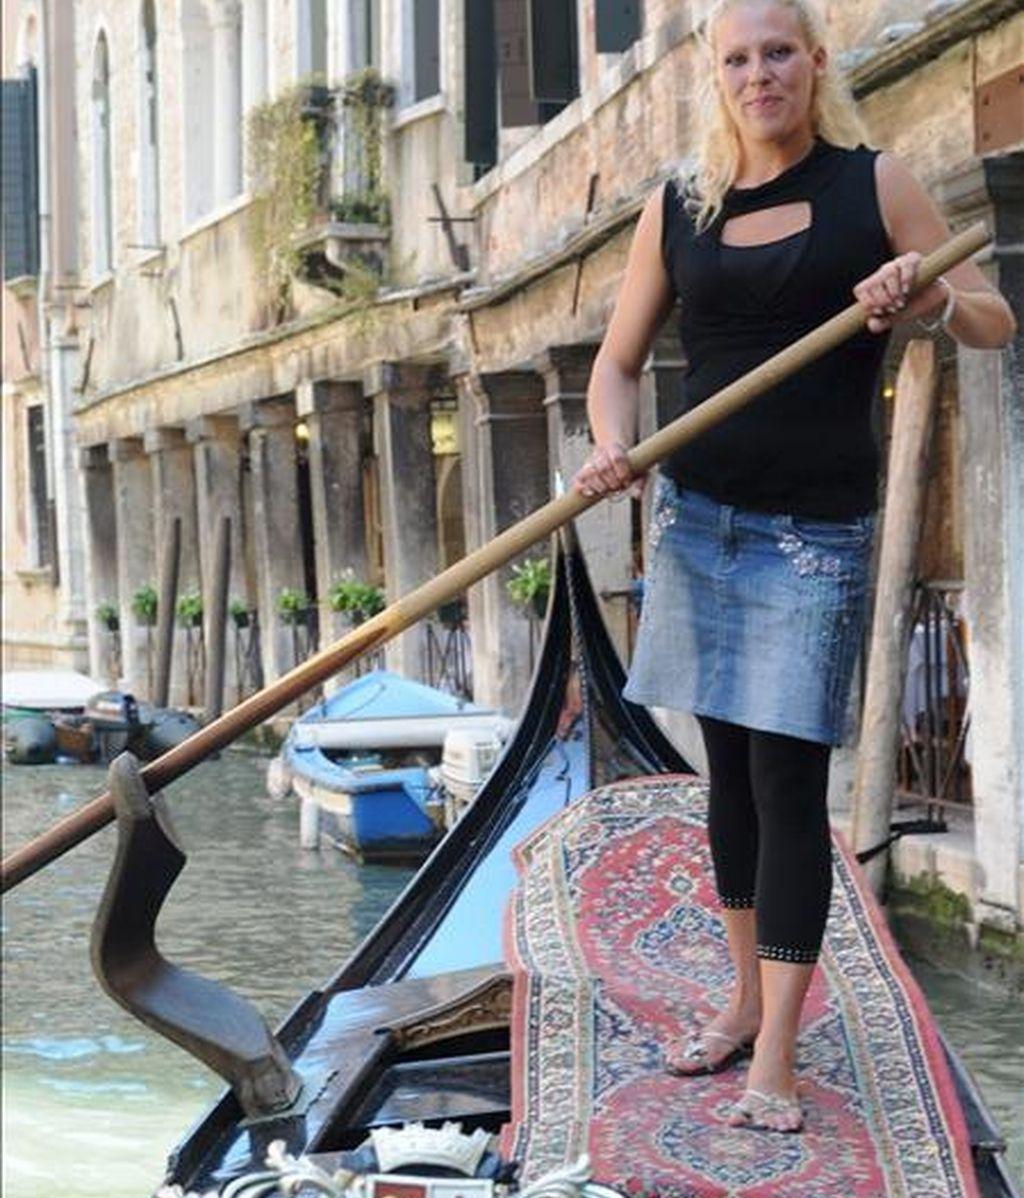 """La italiana Giorgia Boscolo, de 23 años, primera """"gondolera"""" veneciana, posa en una góndola en uno de los canales de Venecia, Italia. EFE"""